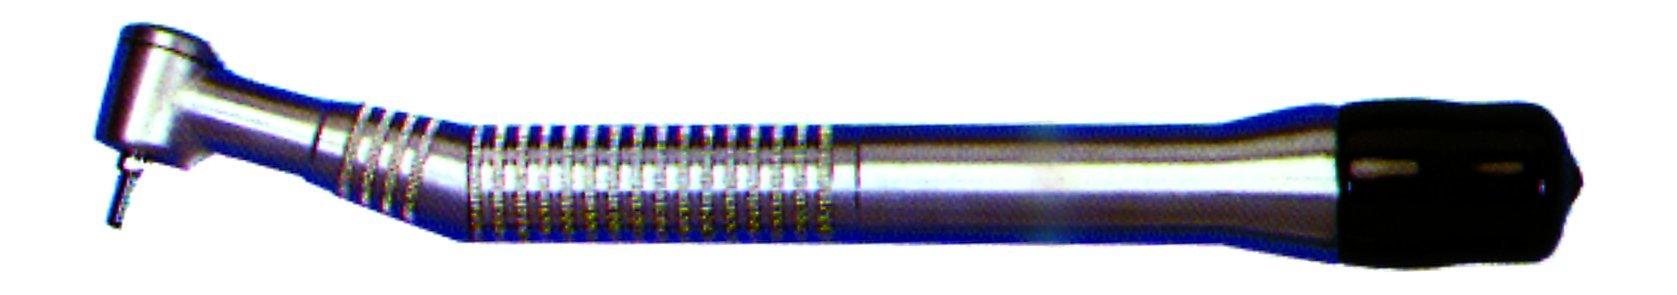 изображение Наконечник турбинный TC-40 PM (4 отверстия MIDWEST, Ключ, 400 000 об.мин.)